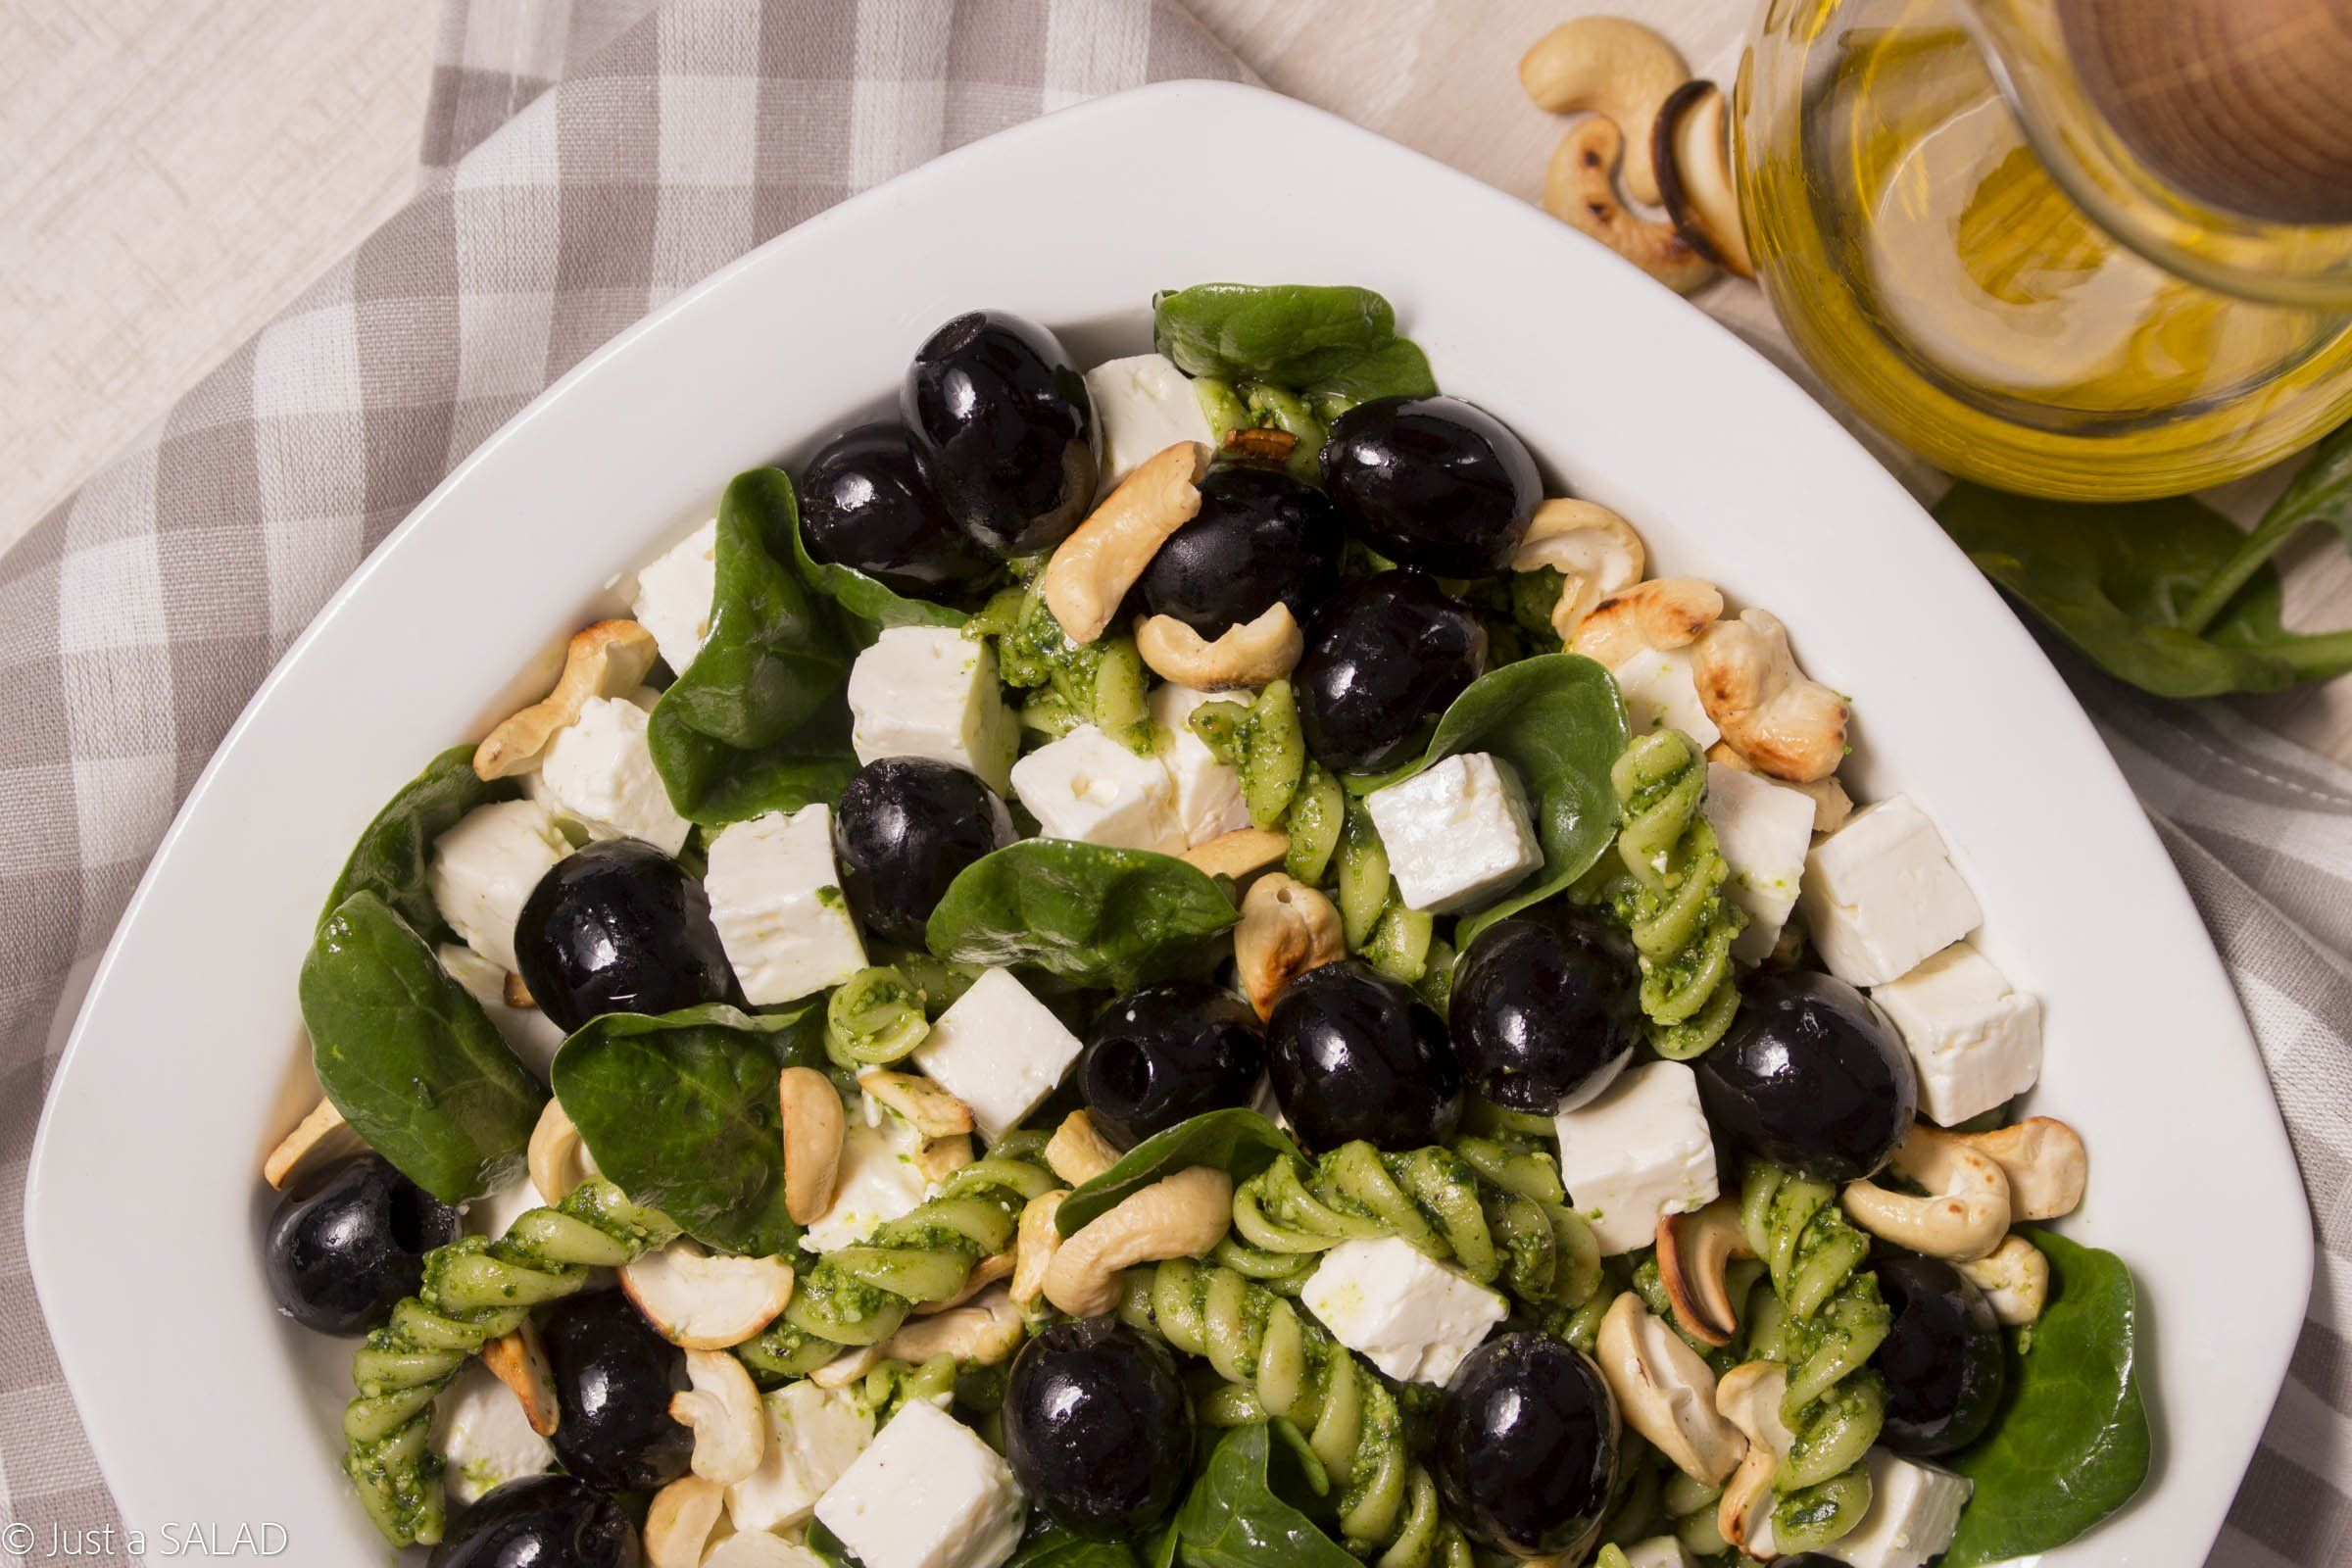 Sałatka ze szpinakiem, makaronem, fetą, oliwkami i nerkowcami